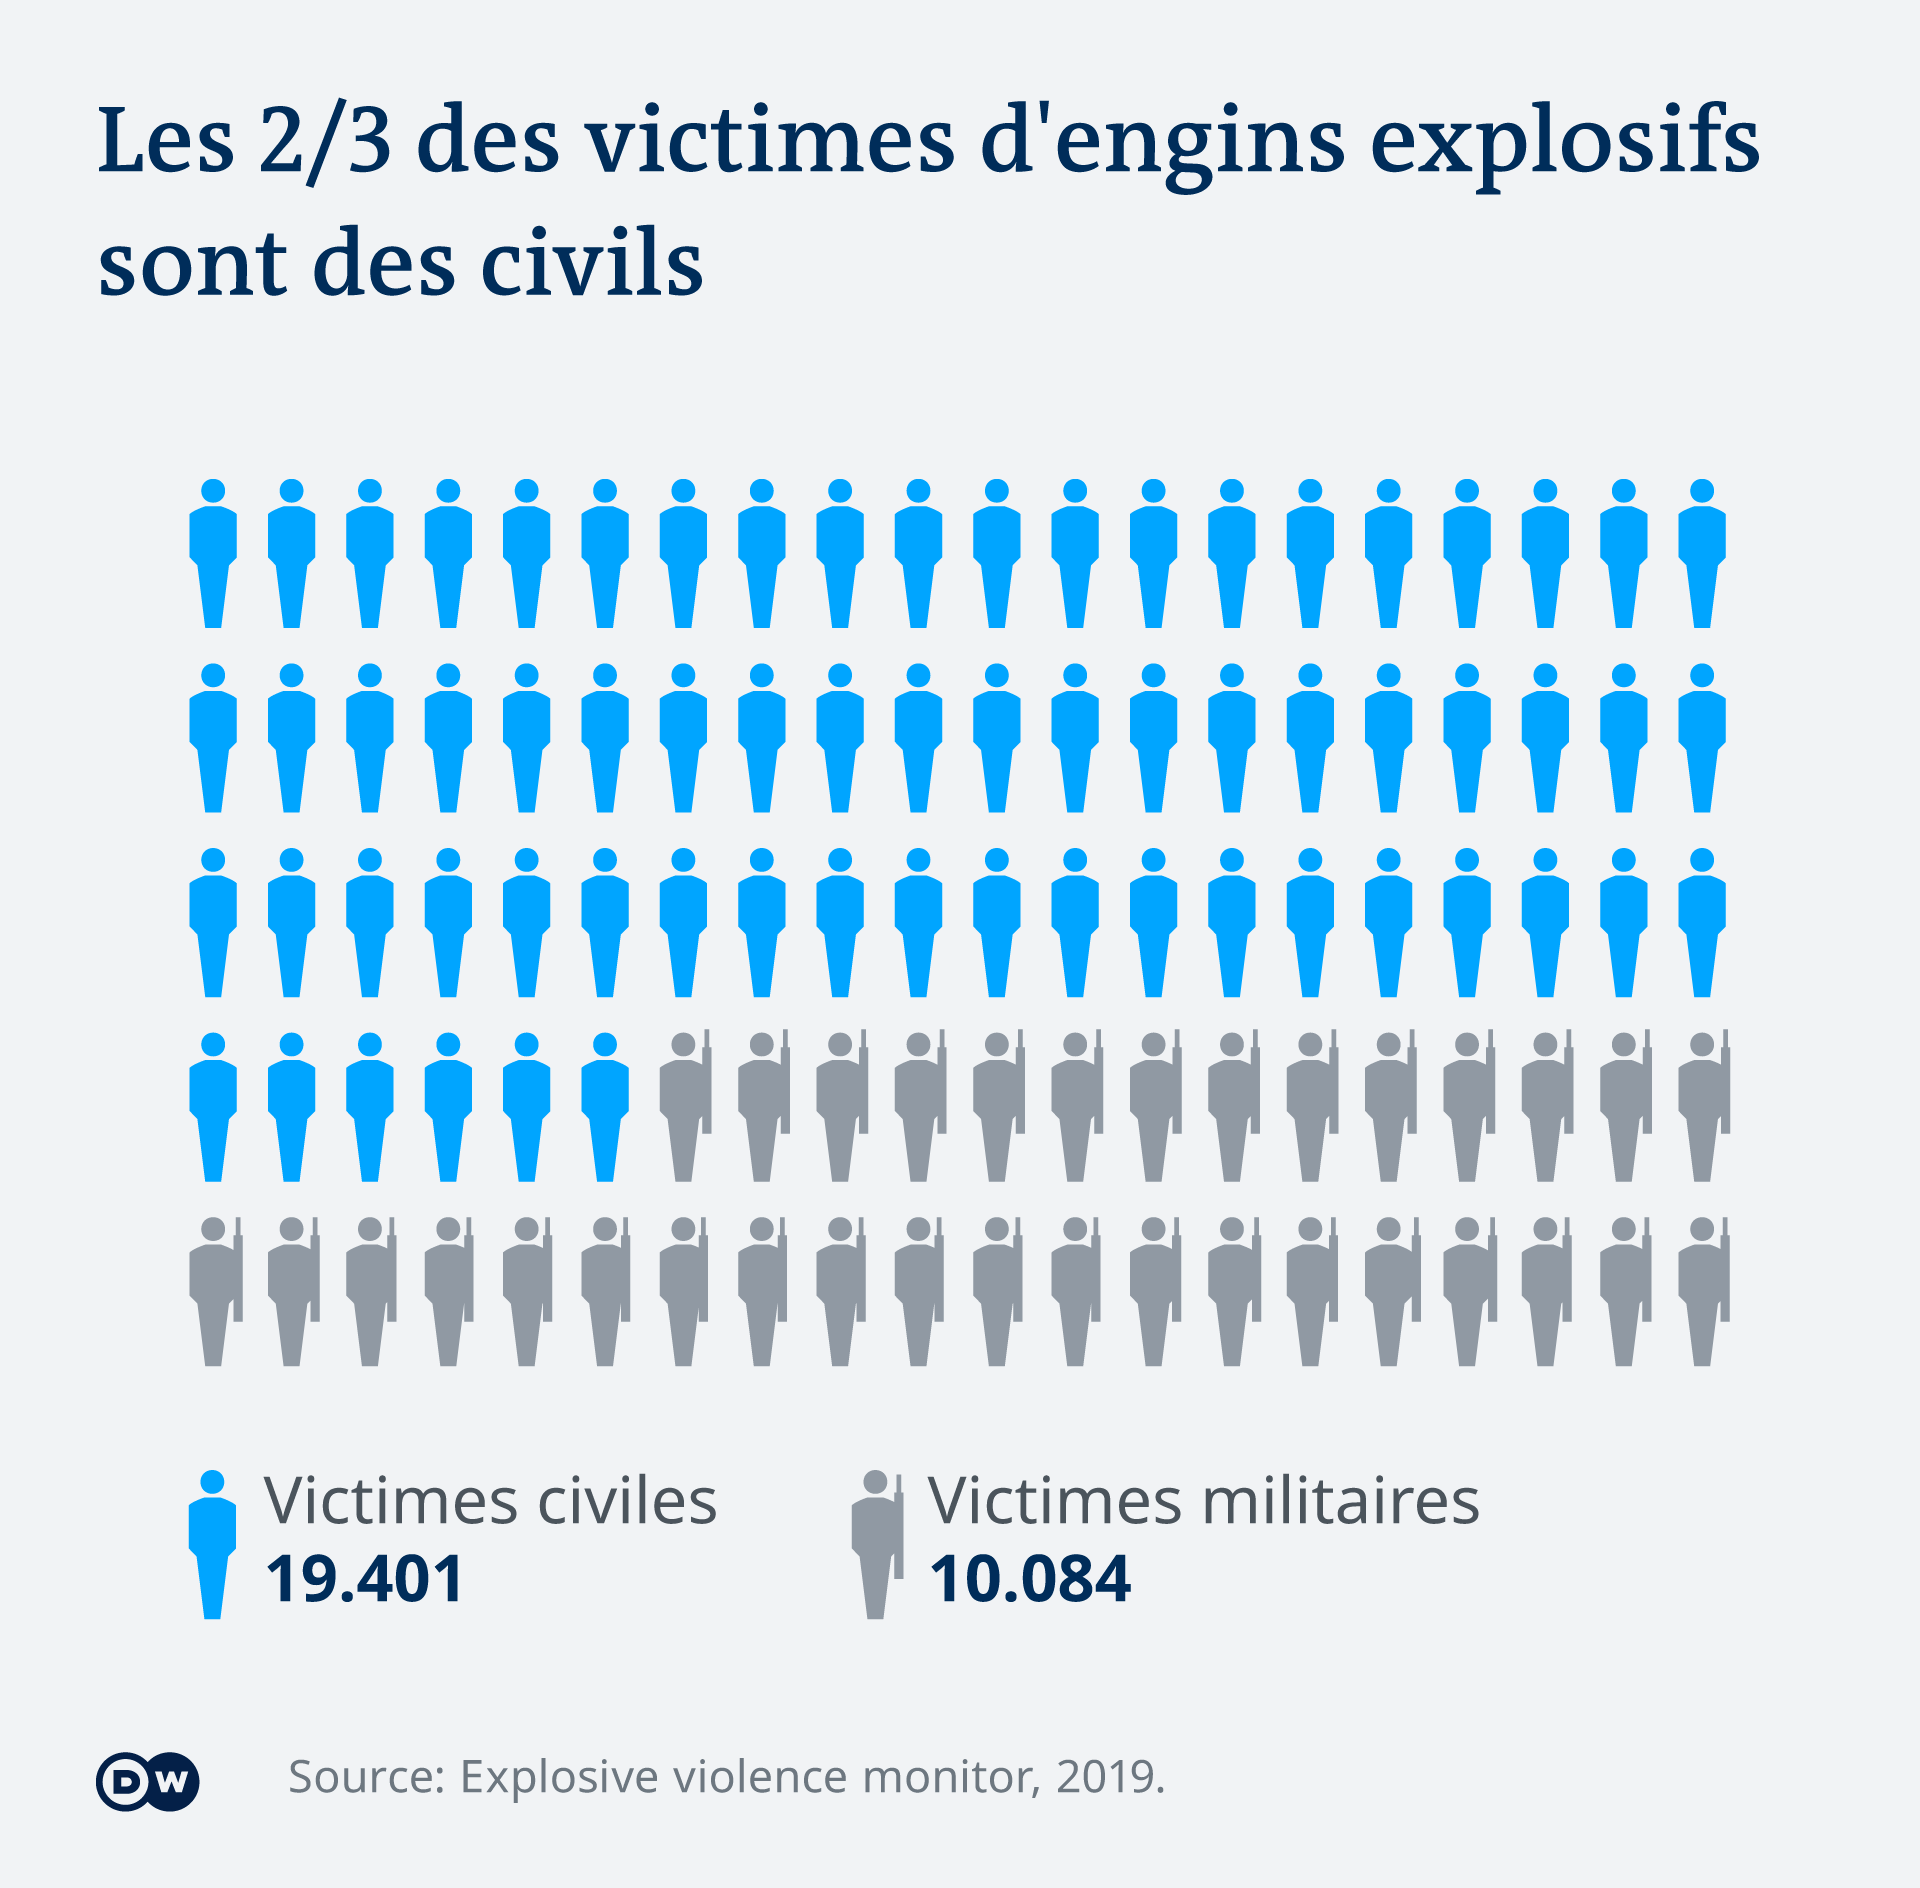 66% des victimes d'engins explosifs dans le monde sont des civils.